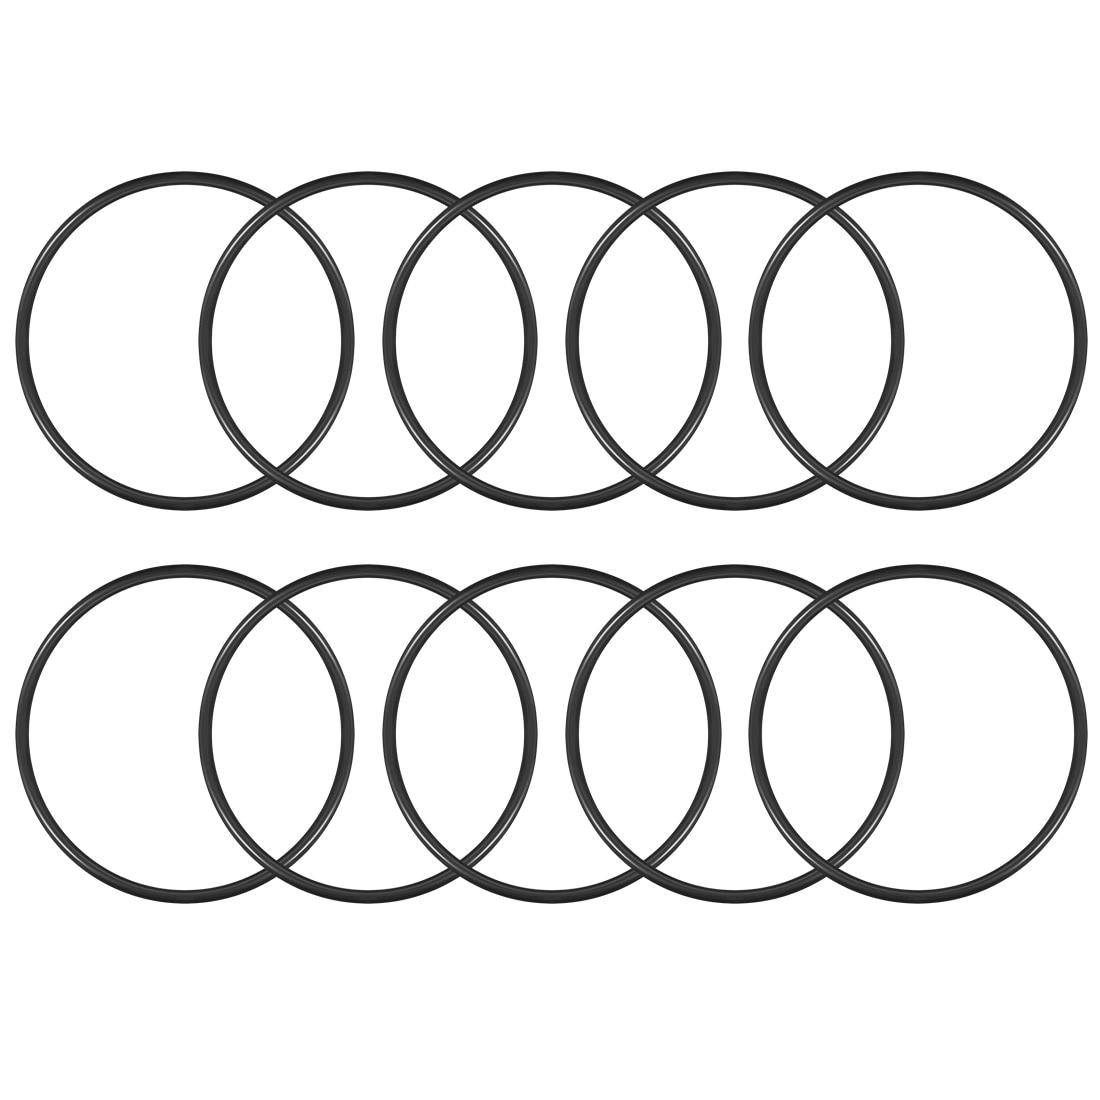 Uxcell O-Anéis de Borracha Nitrílica 110 milímetros x 120 milímetros x 5 milímetros Anéis de Vedação da Junta de Vedação 10pcs